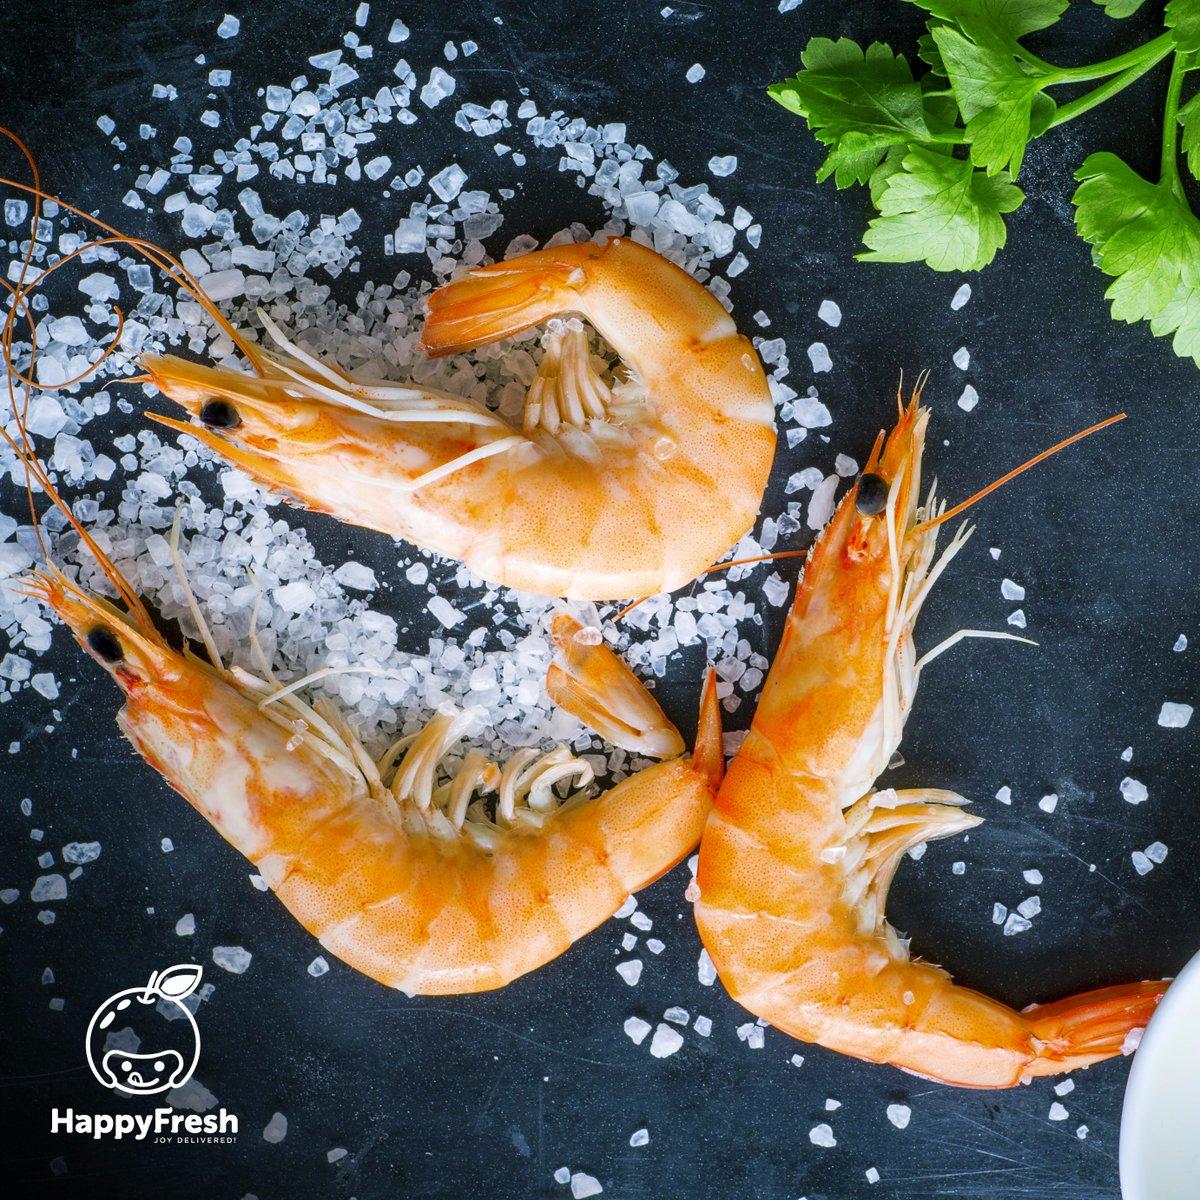 กินกุ้งกัน!  #food #Foodie #healthyfood #Seafood #health #healthy #happyfreshth #happyfresh #freshfood https://t.co/iZmeKUYoWX